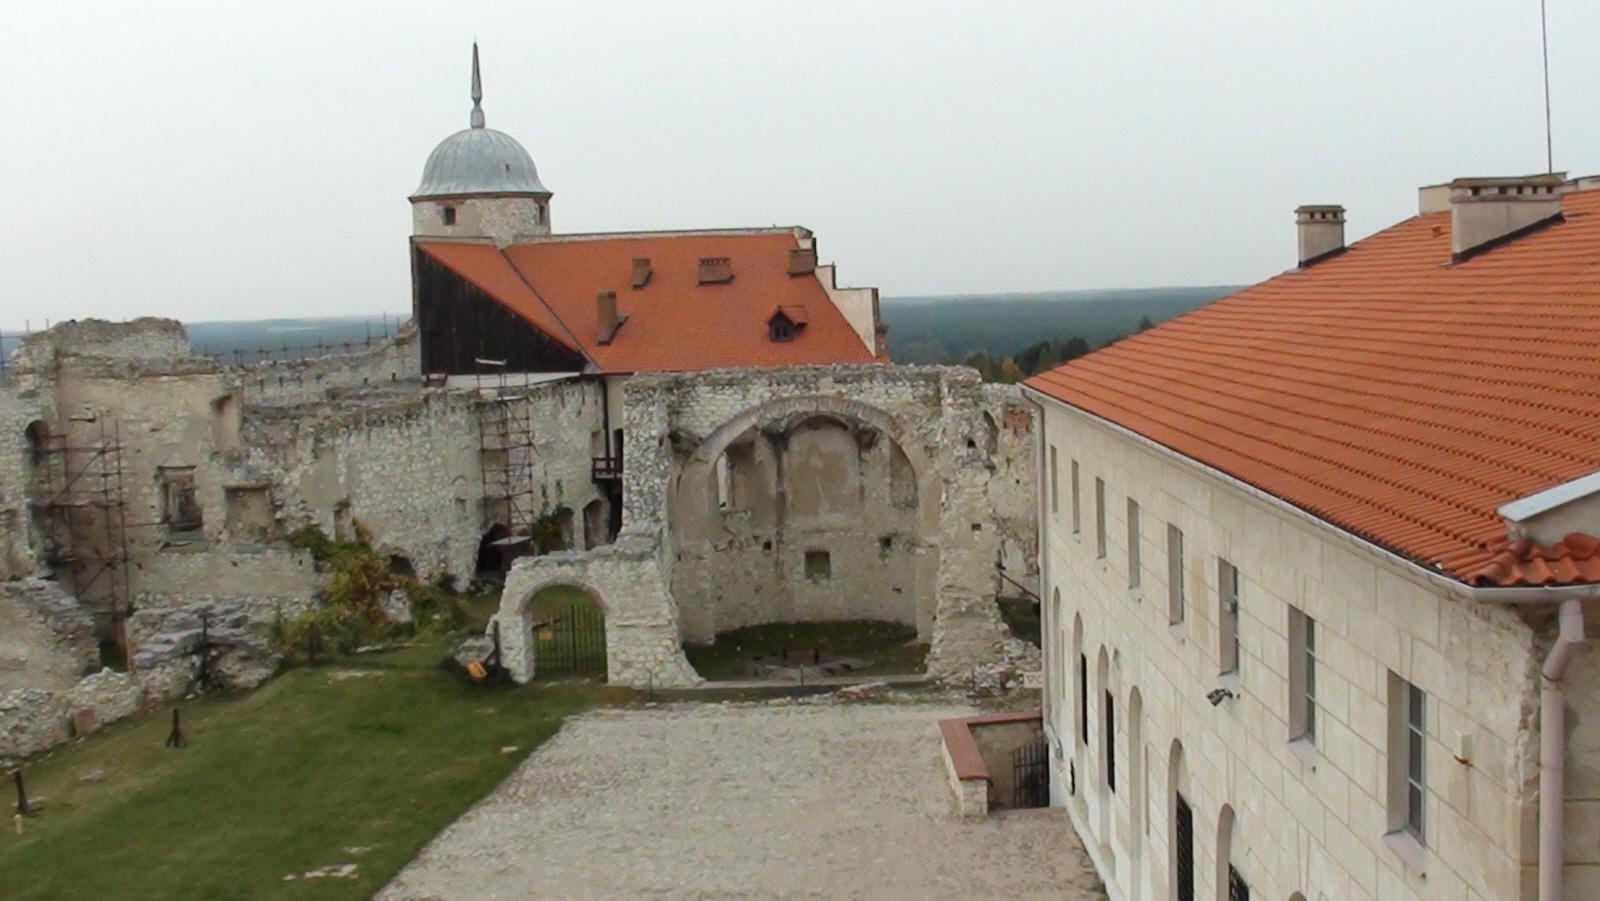 Janowiec. Ruiny zamku nad Wisłą